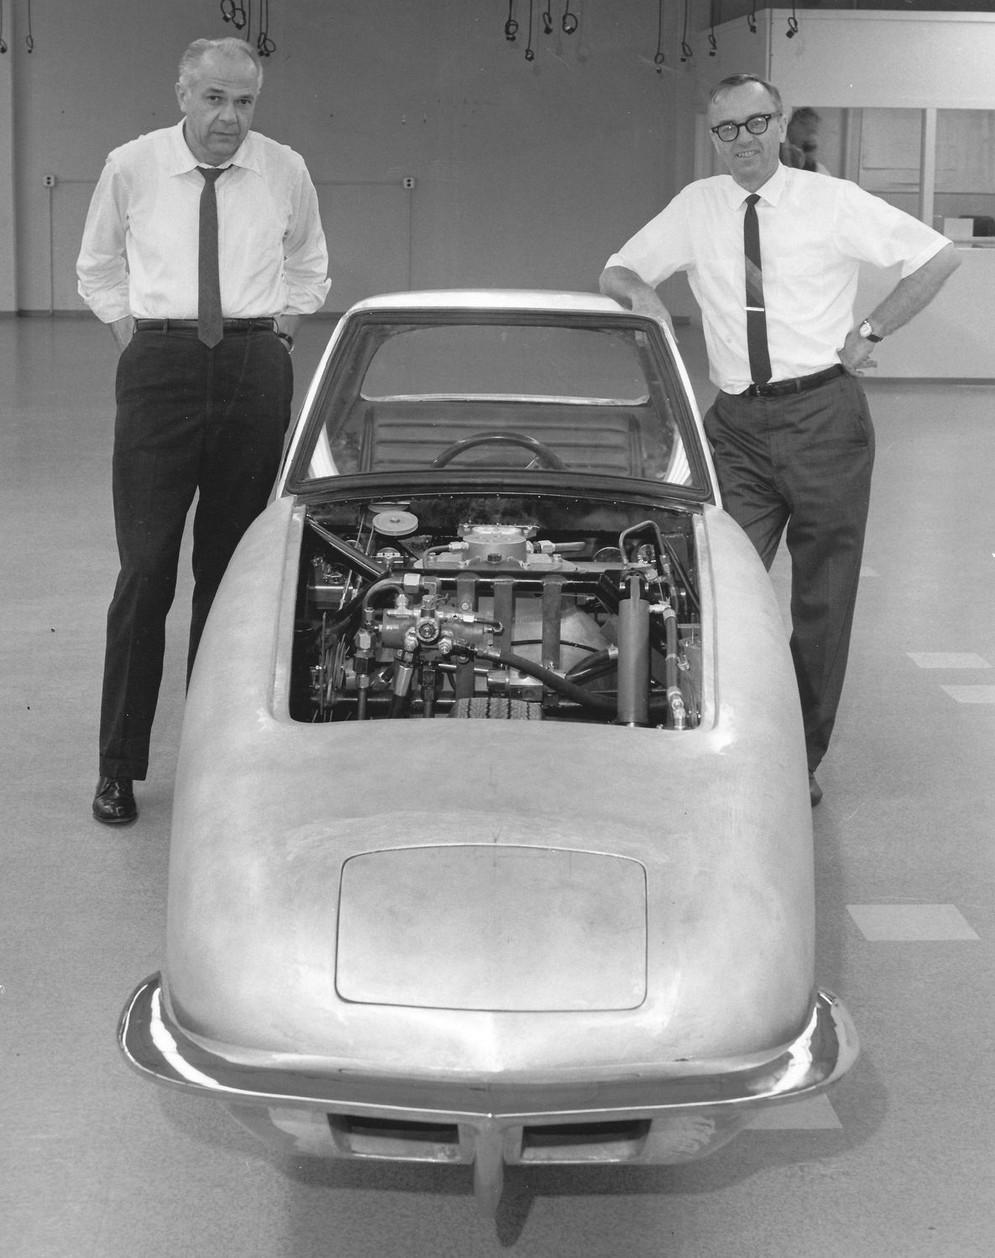 Картинки по запросу Гирокар — редкий двухколесный автомобиль